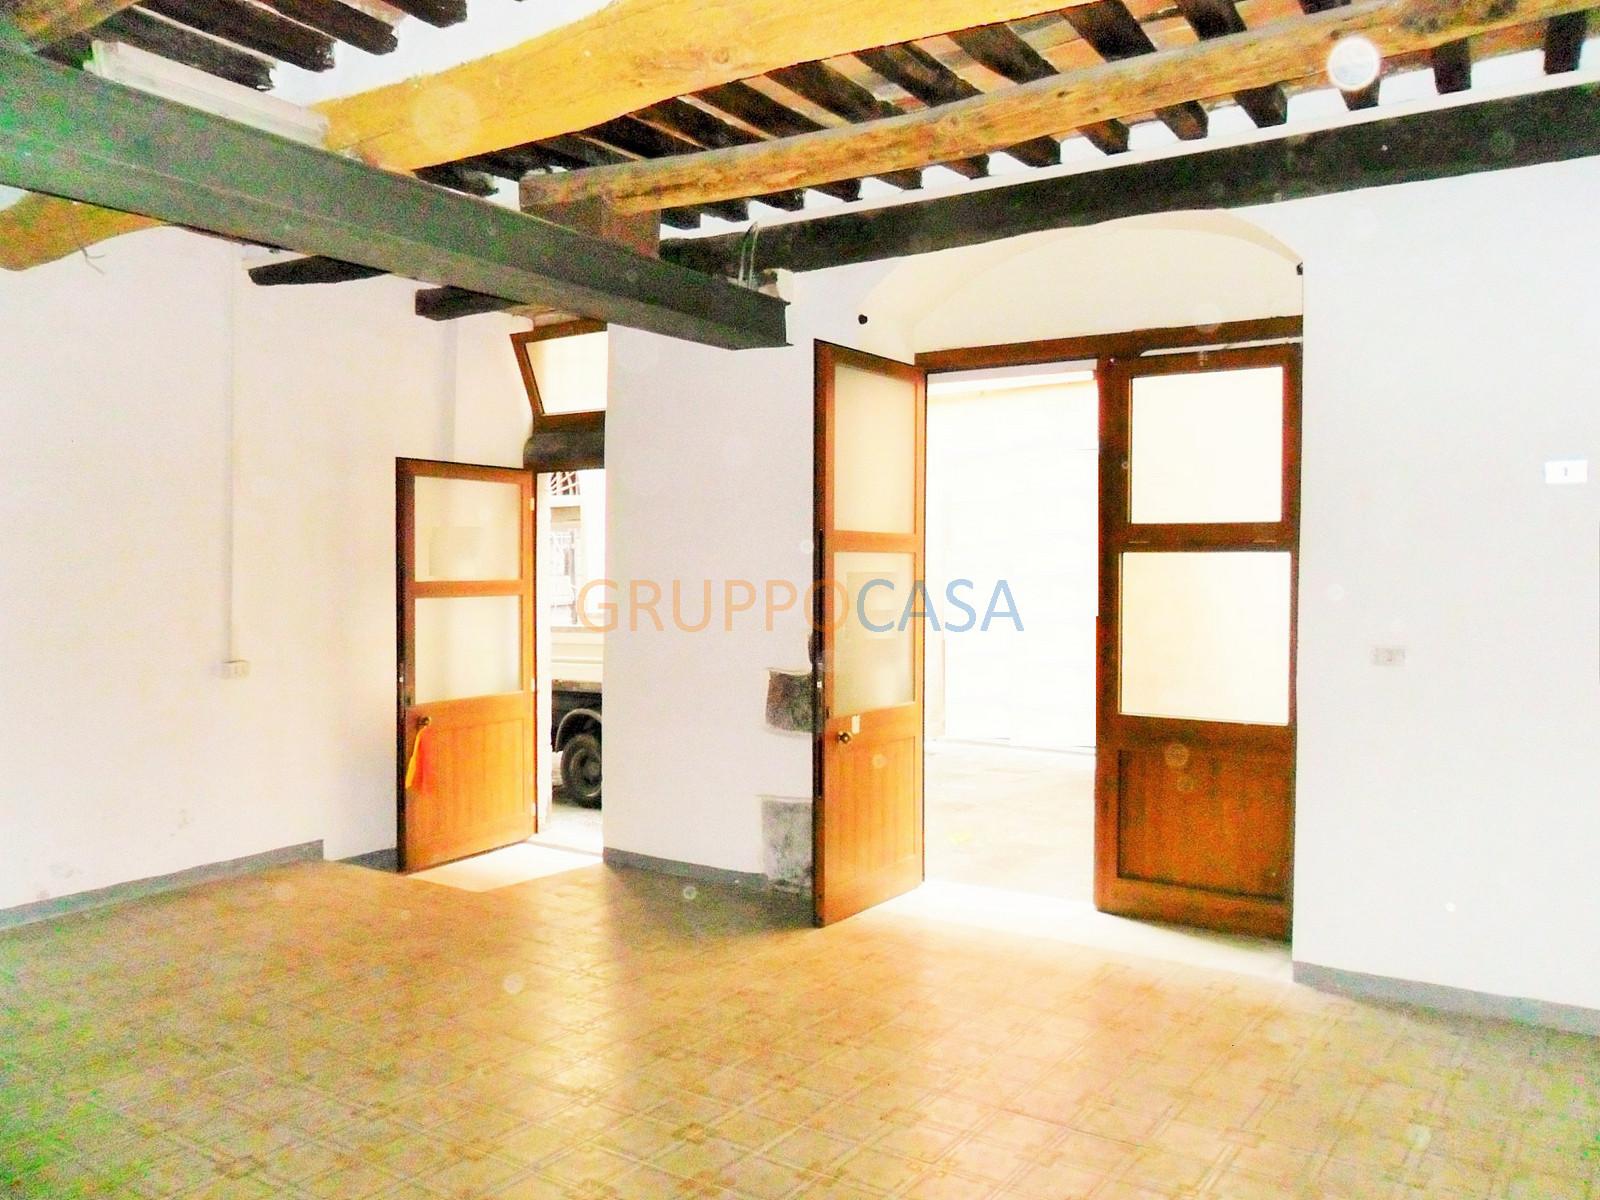 Negozio / Locale in affitto a Pescia, 9999 locali, zona Località: Centro, prezzo € 250 | Cambio Casa.it